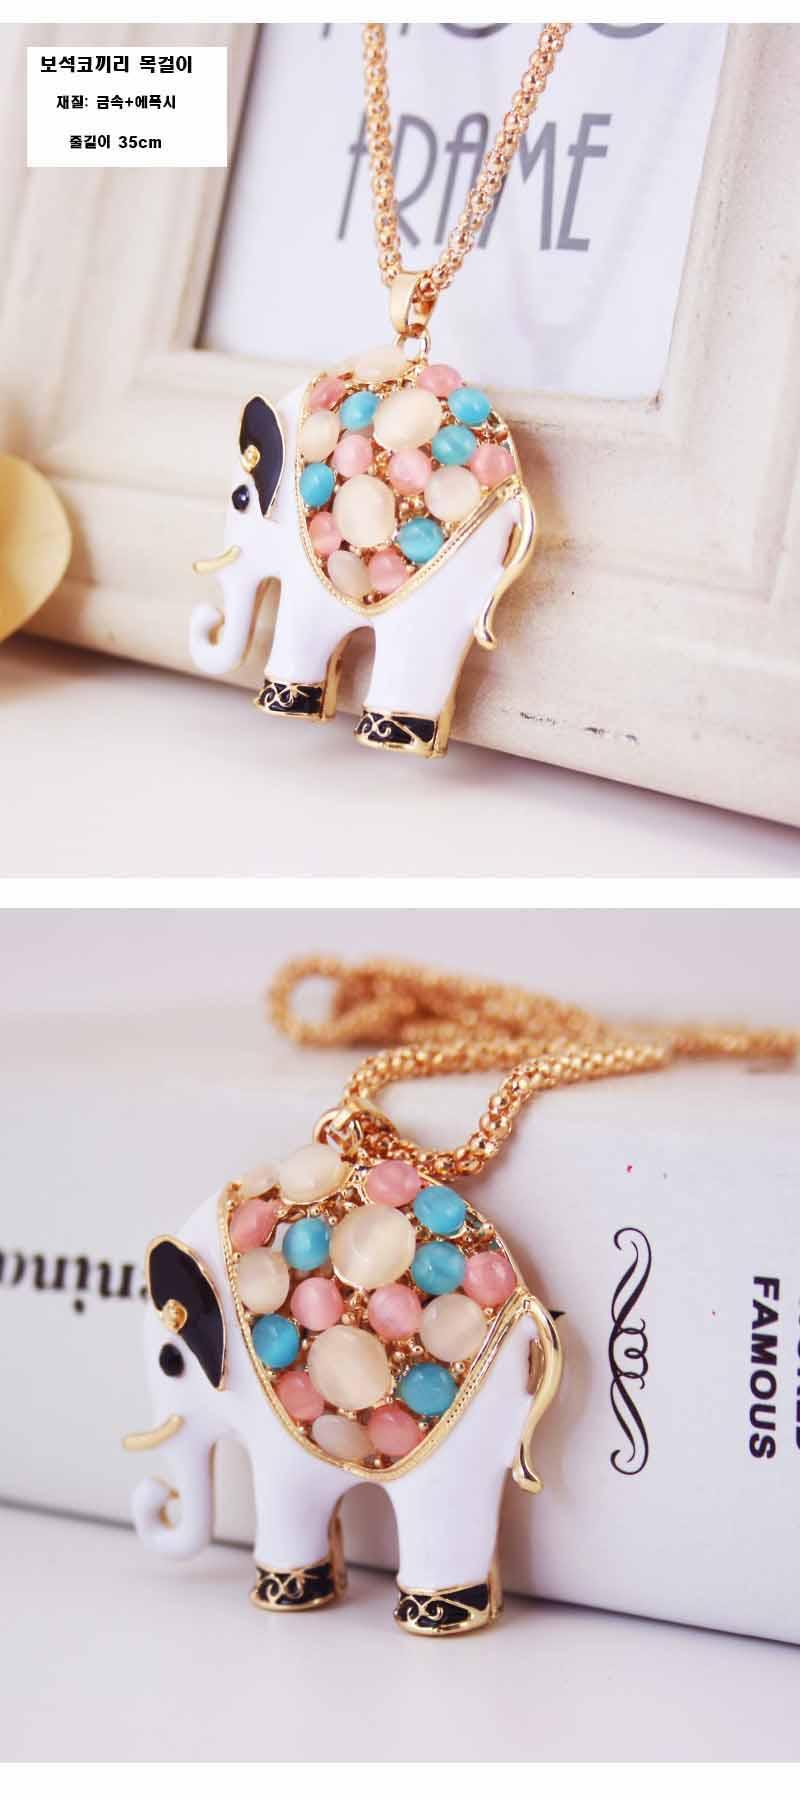 코뿔소 목걸이 - 디아이와이데코, 12,000원, 패션, 패션목걸이